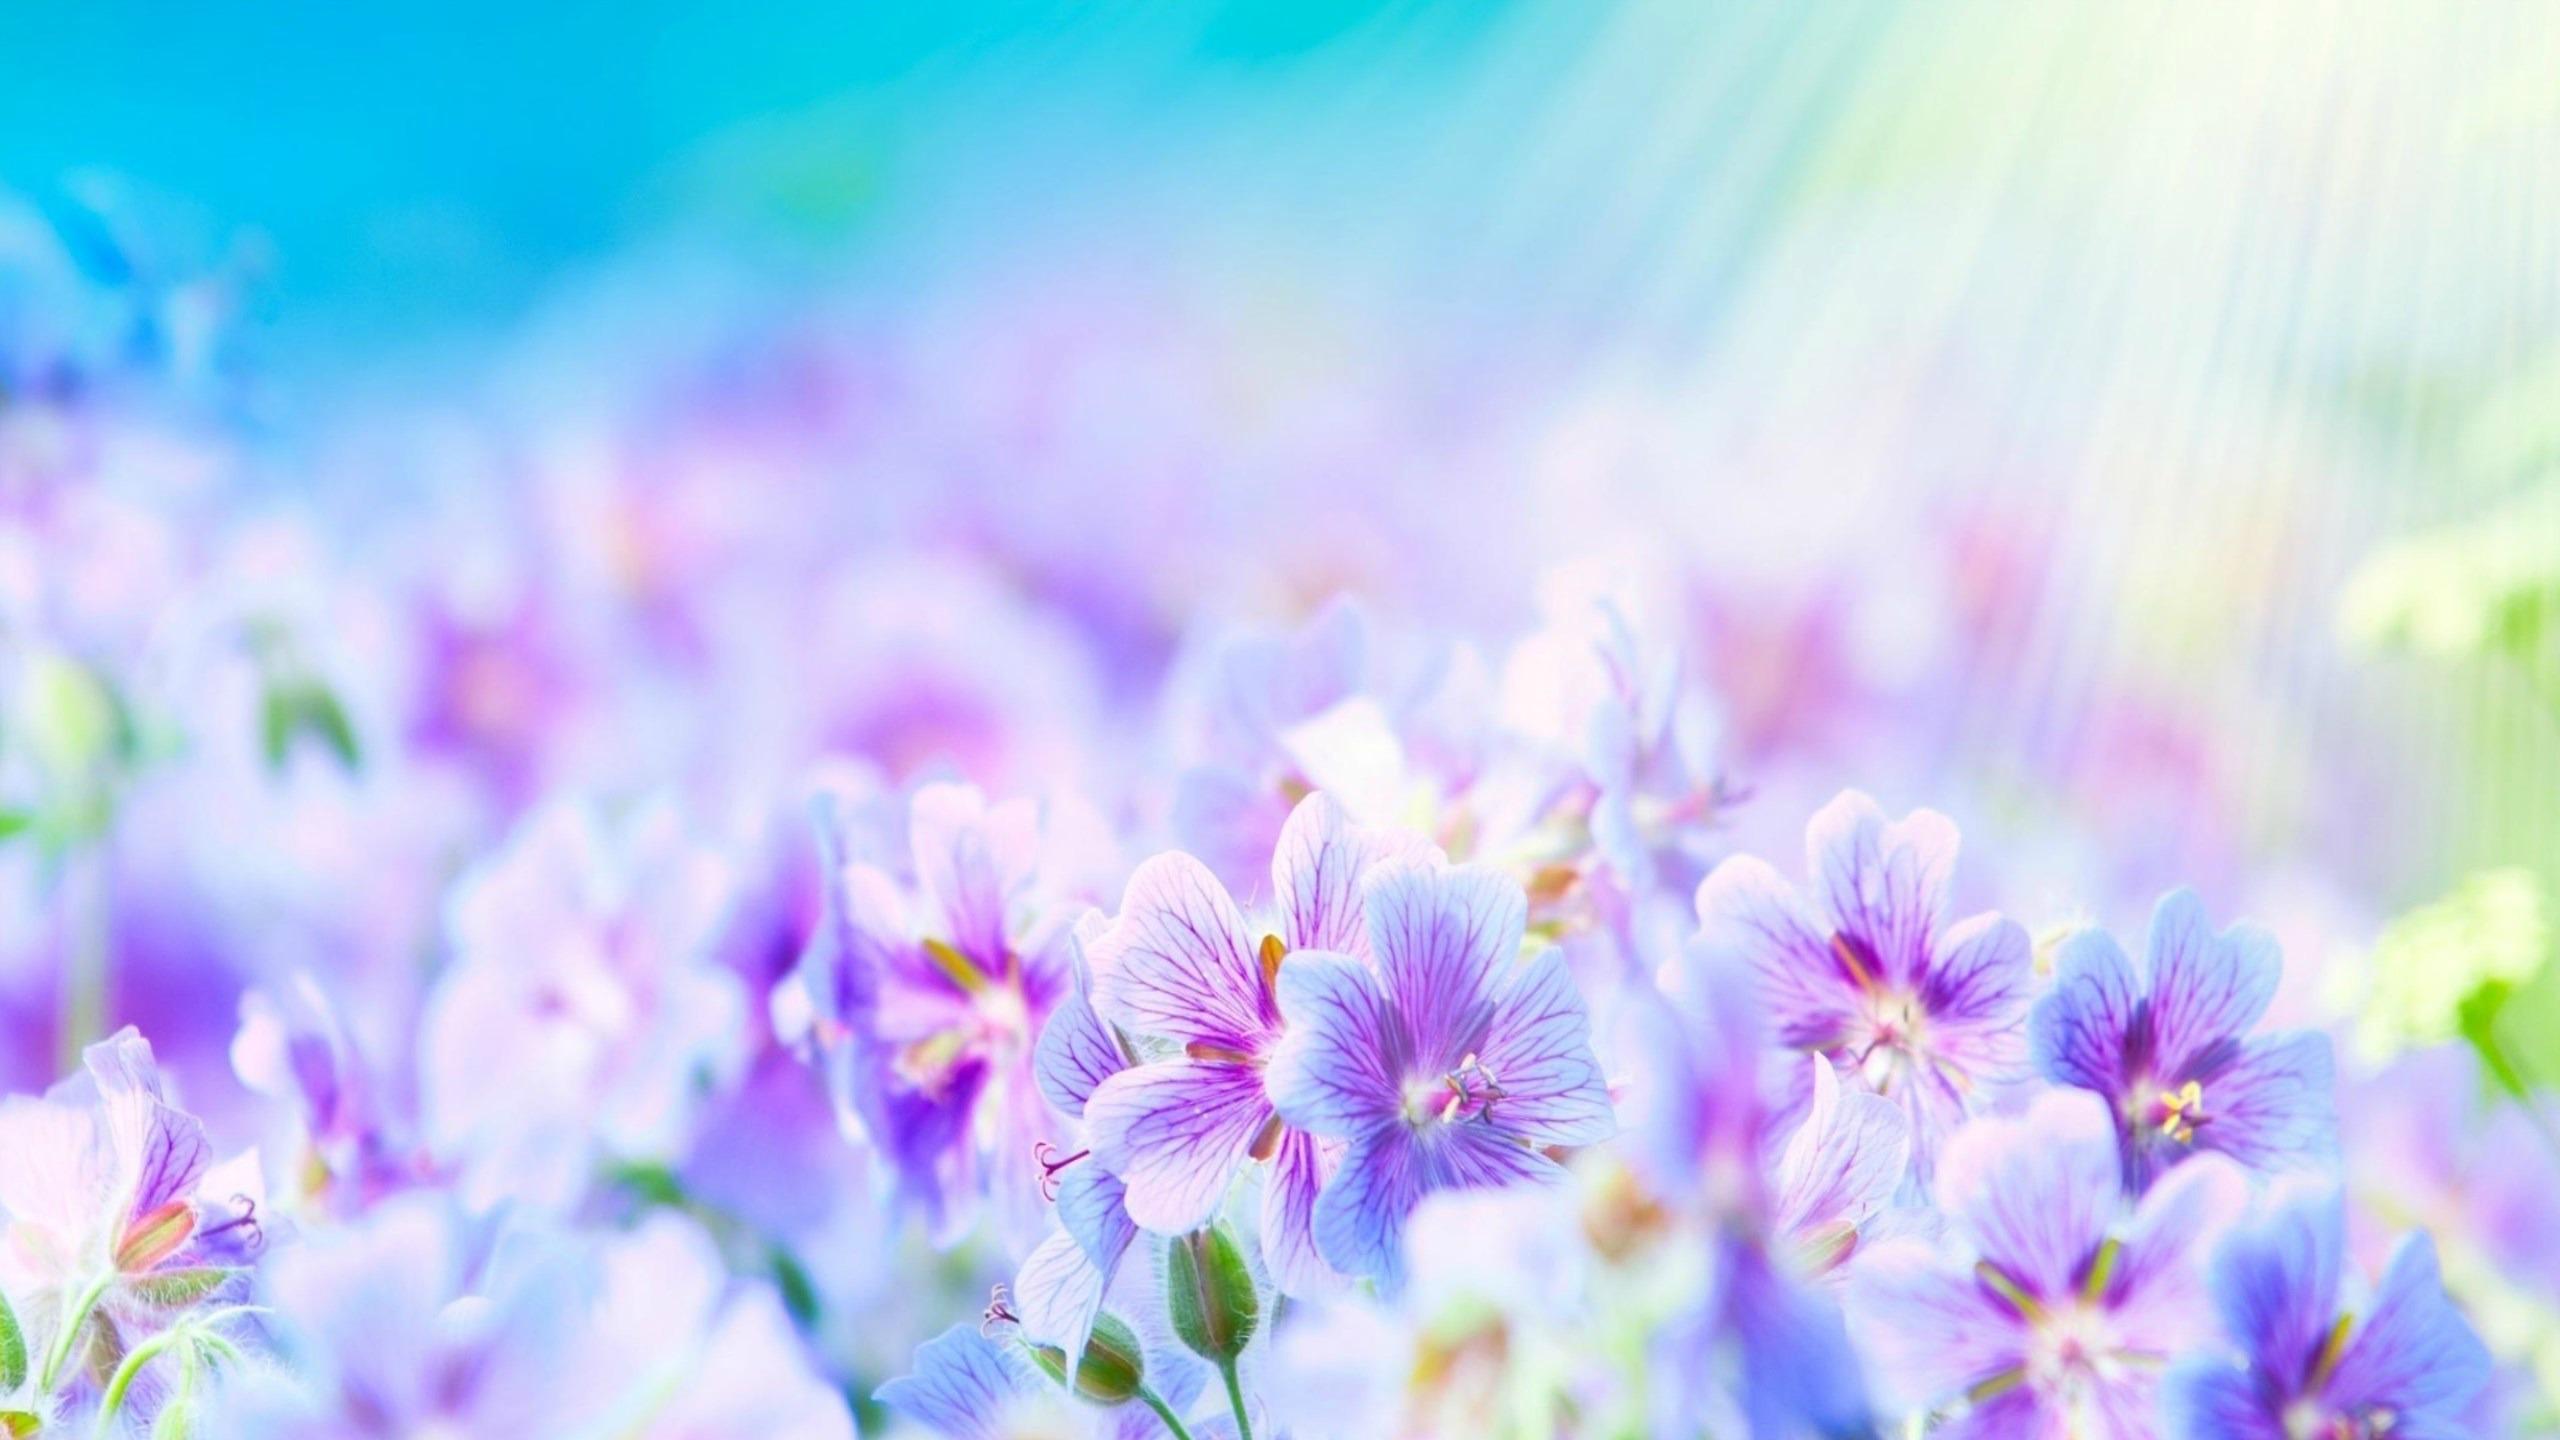 Картинки красивые цветы 1366х768 (35 фото) 🔥 Прикольные картинки ...   1440x2560